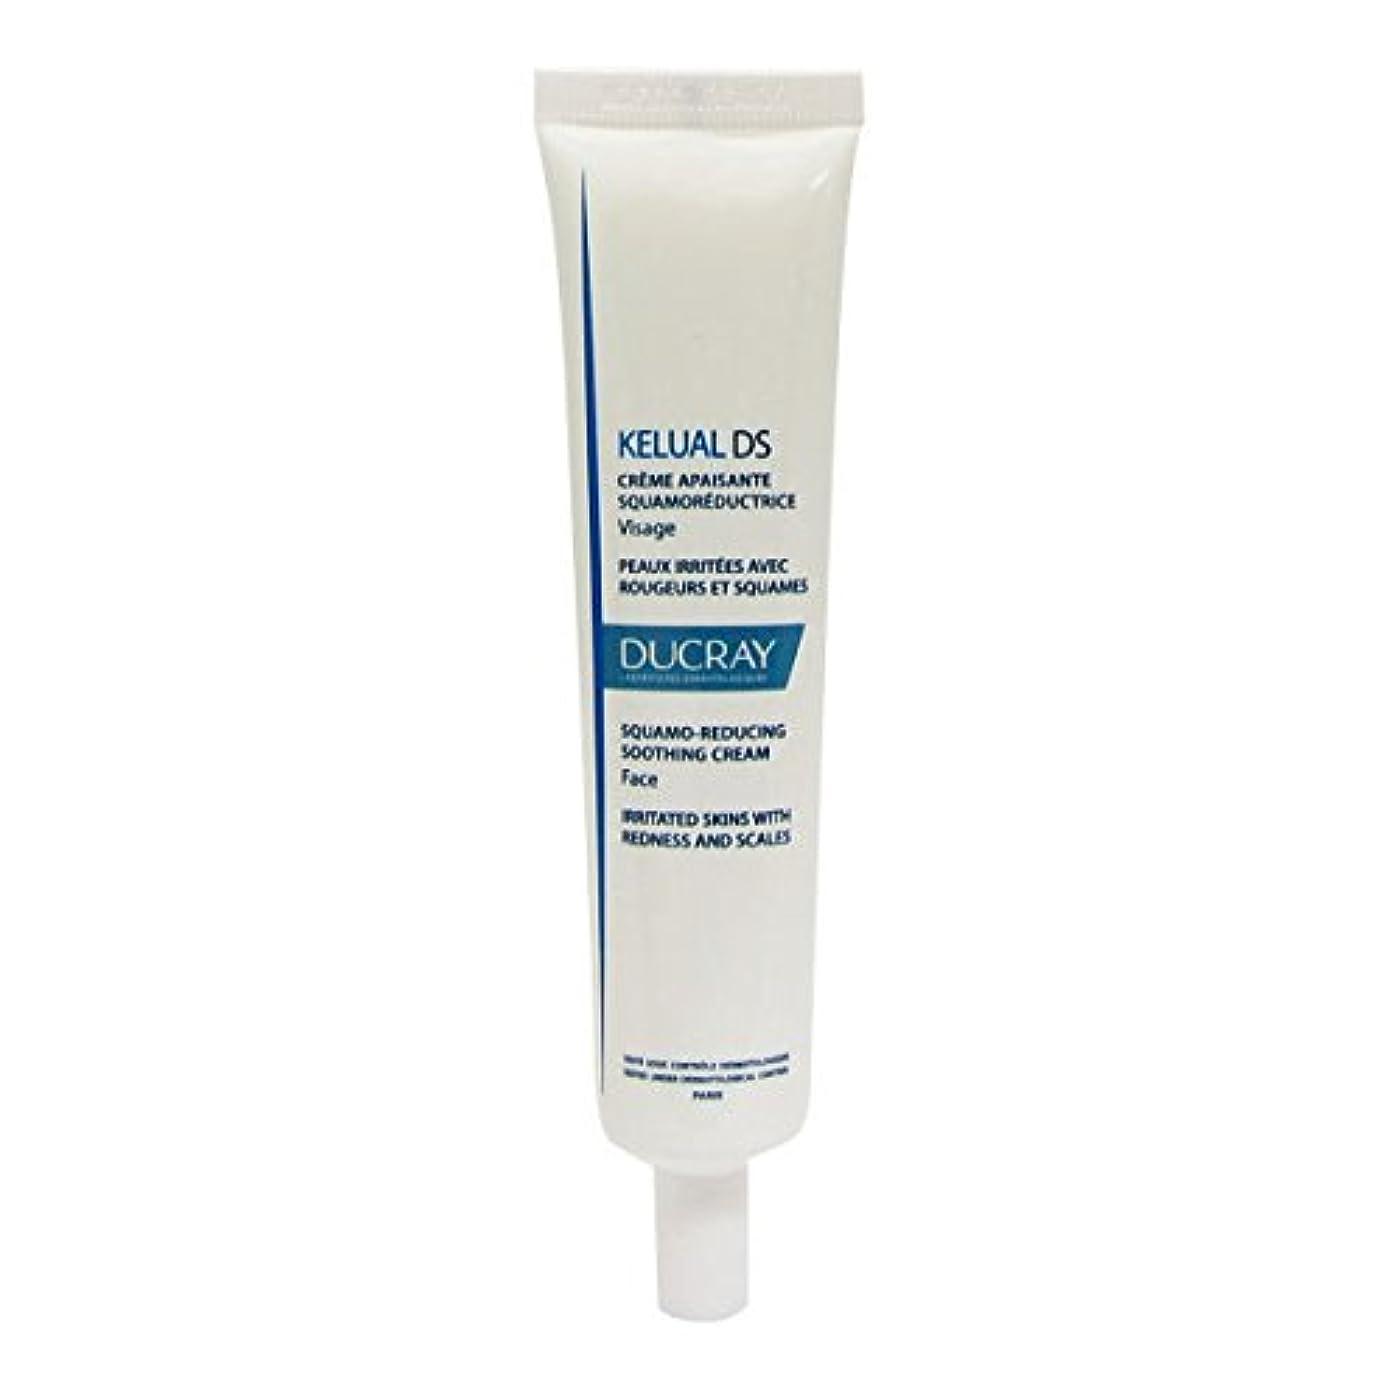 シャンパンペインギリックチューブDucray Kelual Ds Cream 40ml [並行輸入品]